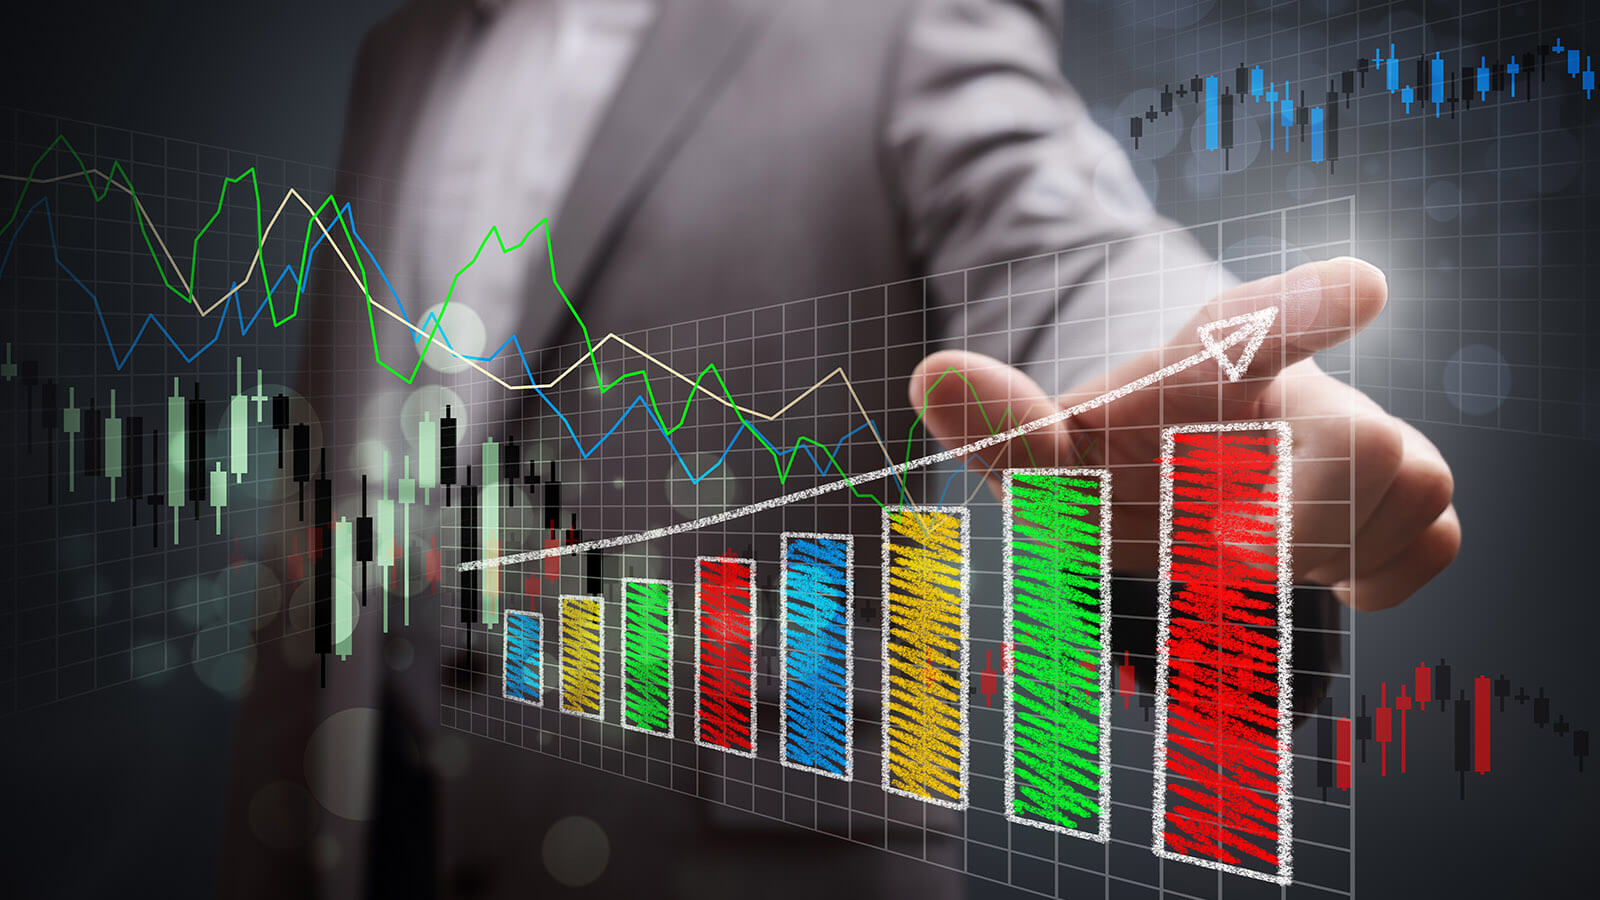 МТБ БАНК вошел в «ТОП-3 взлетов» в рейтинге устойчивости банков и лояльности вкладчиков - фото - mtb.ua